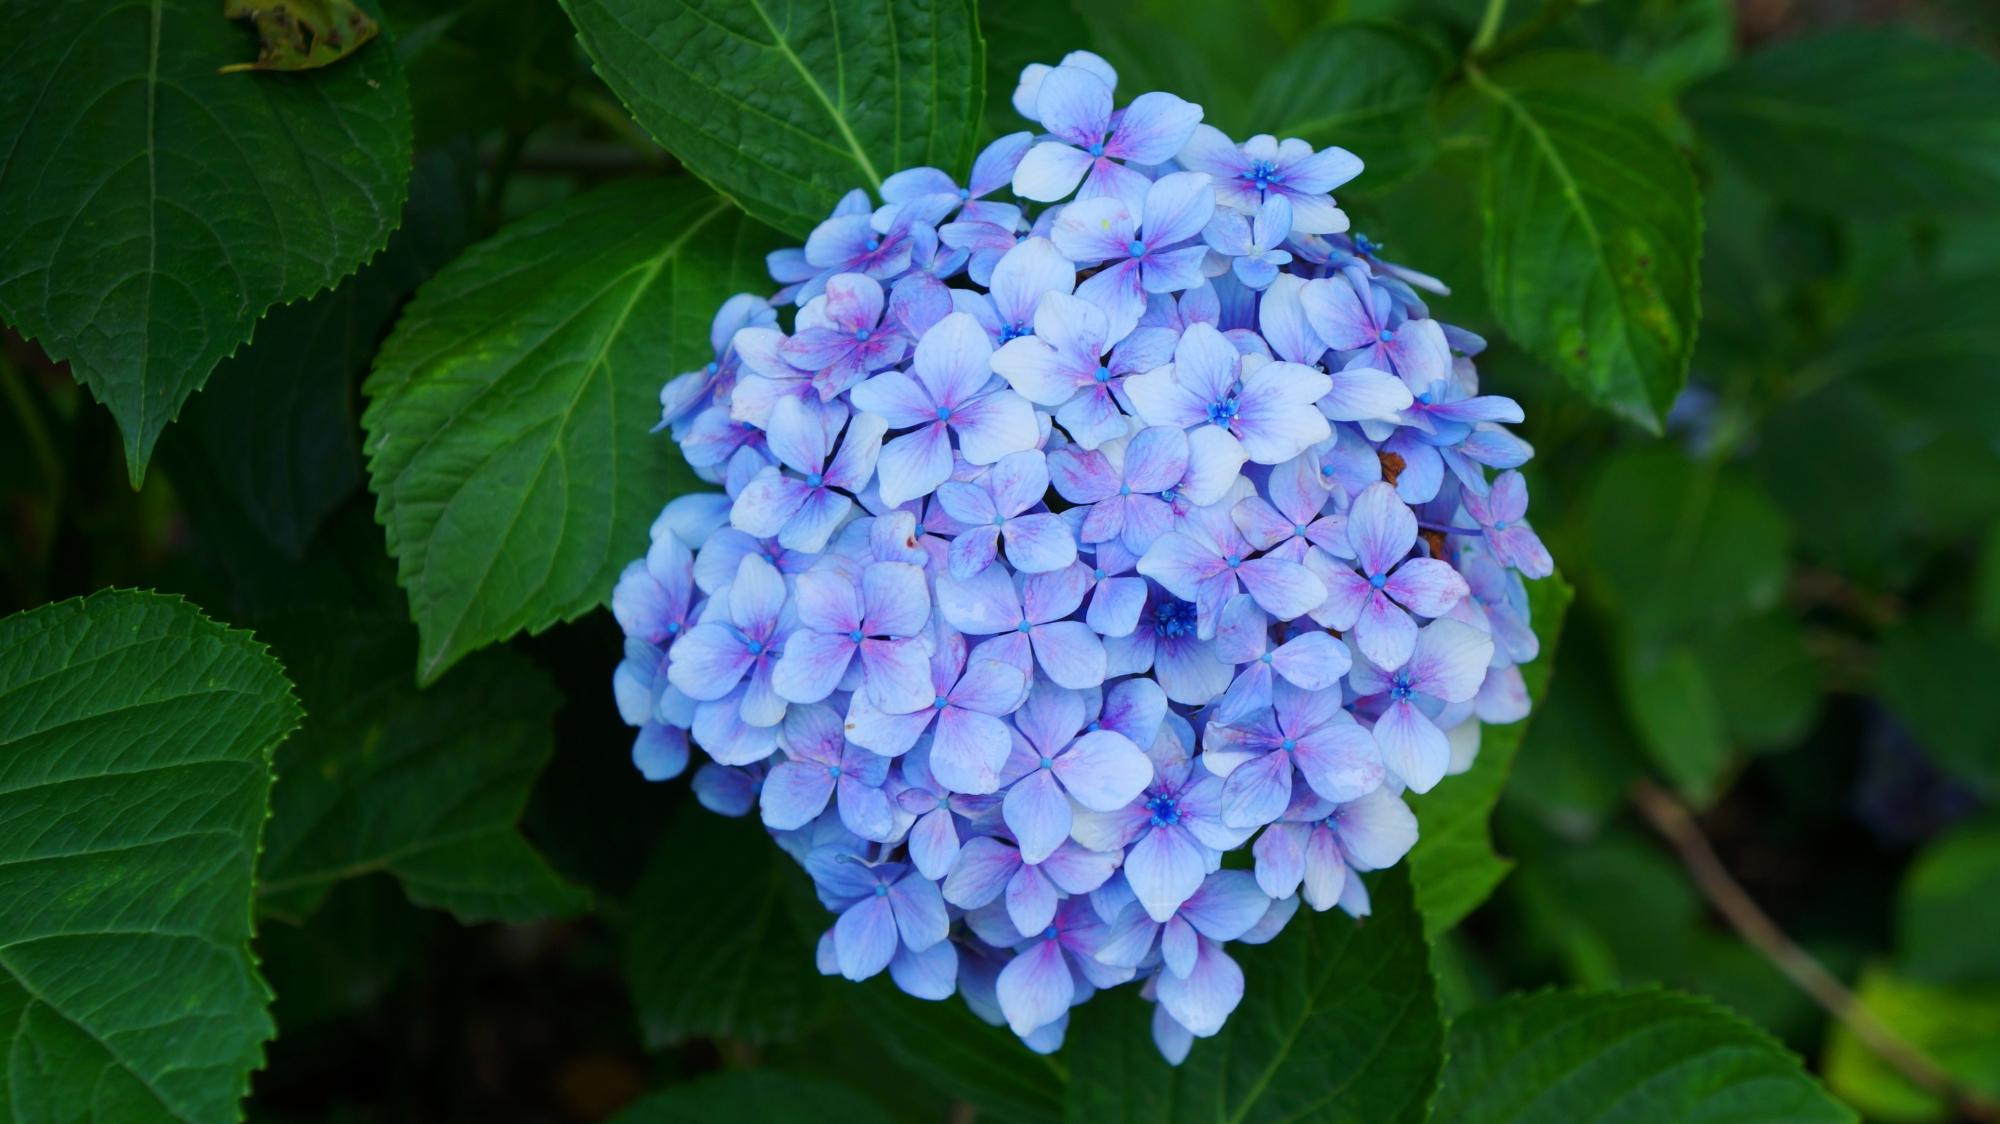 落ち着きの感じられるしっとりと咲く紫陽花